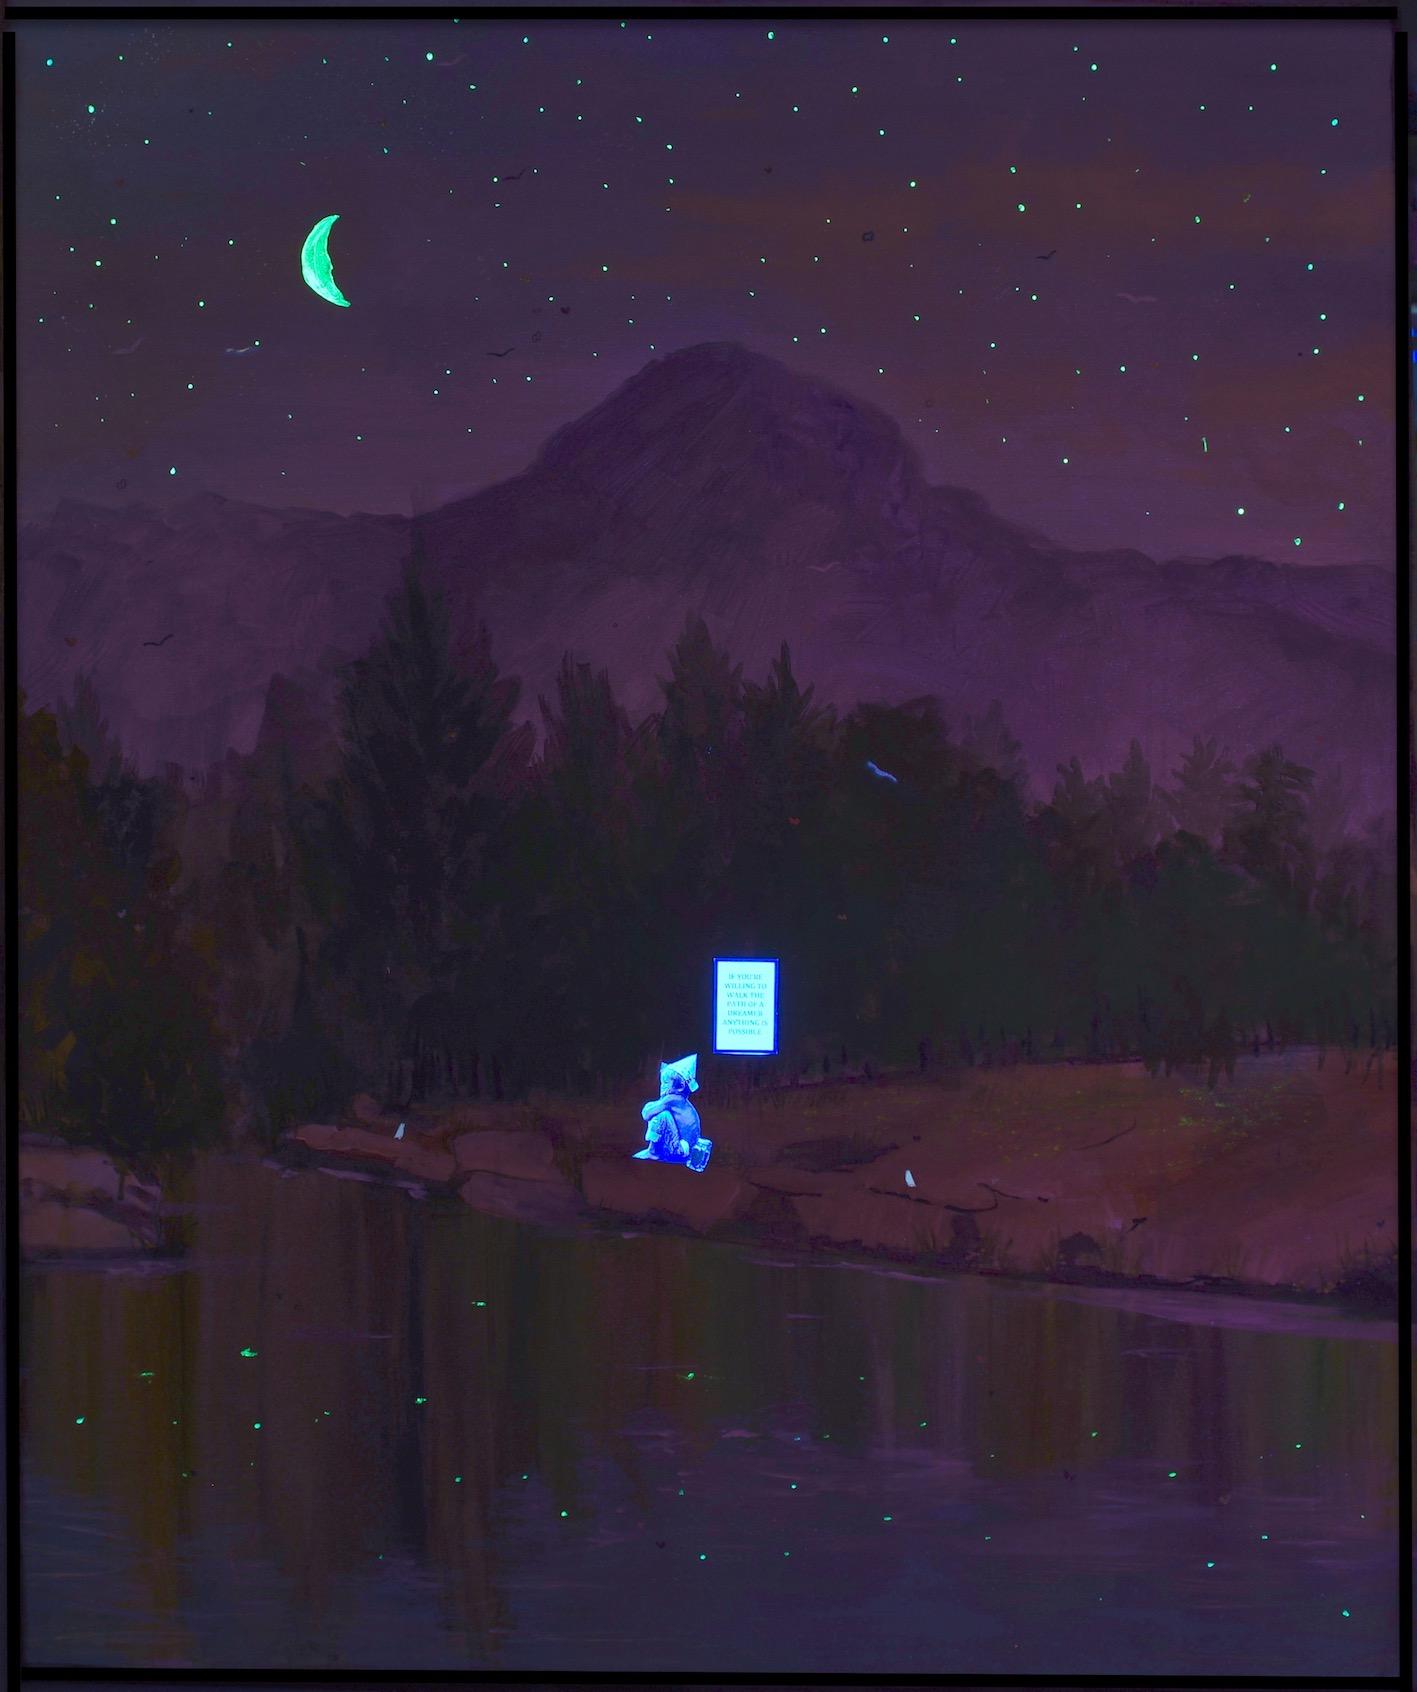 Reflections - Under UV Light